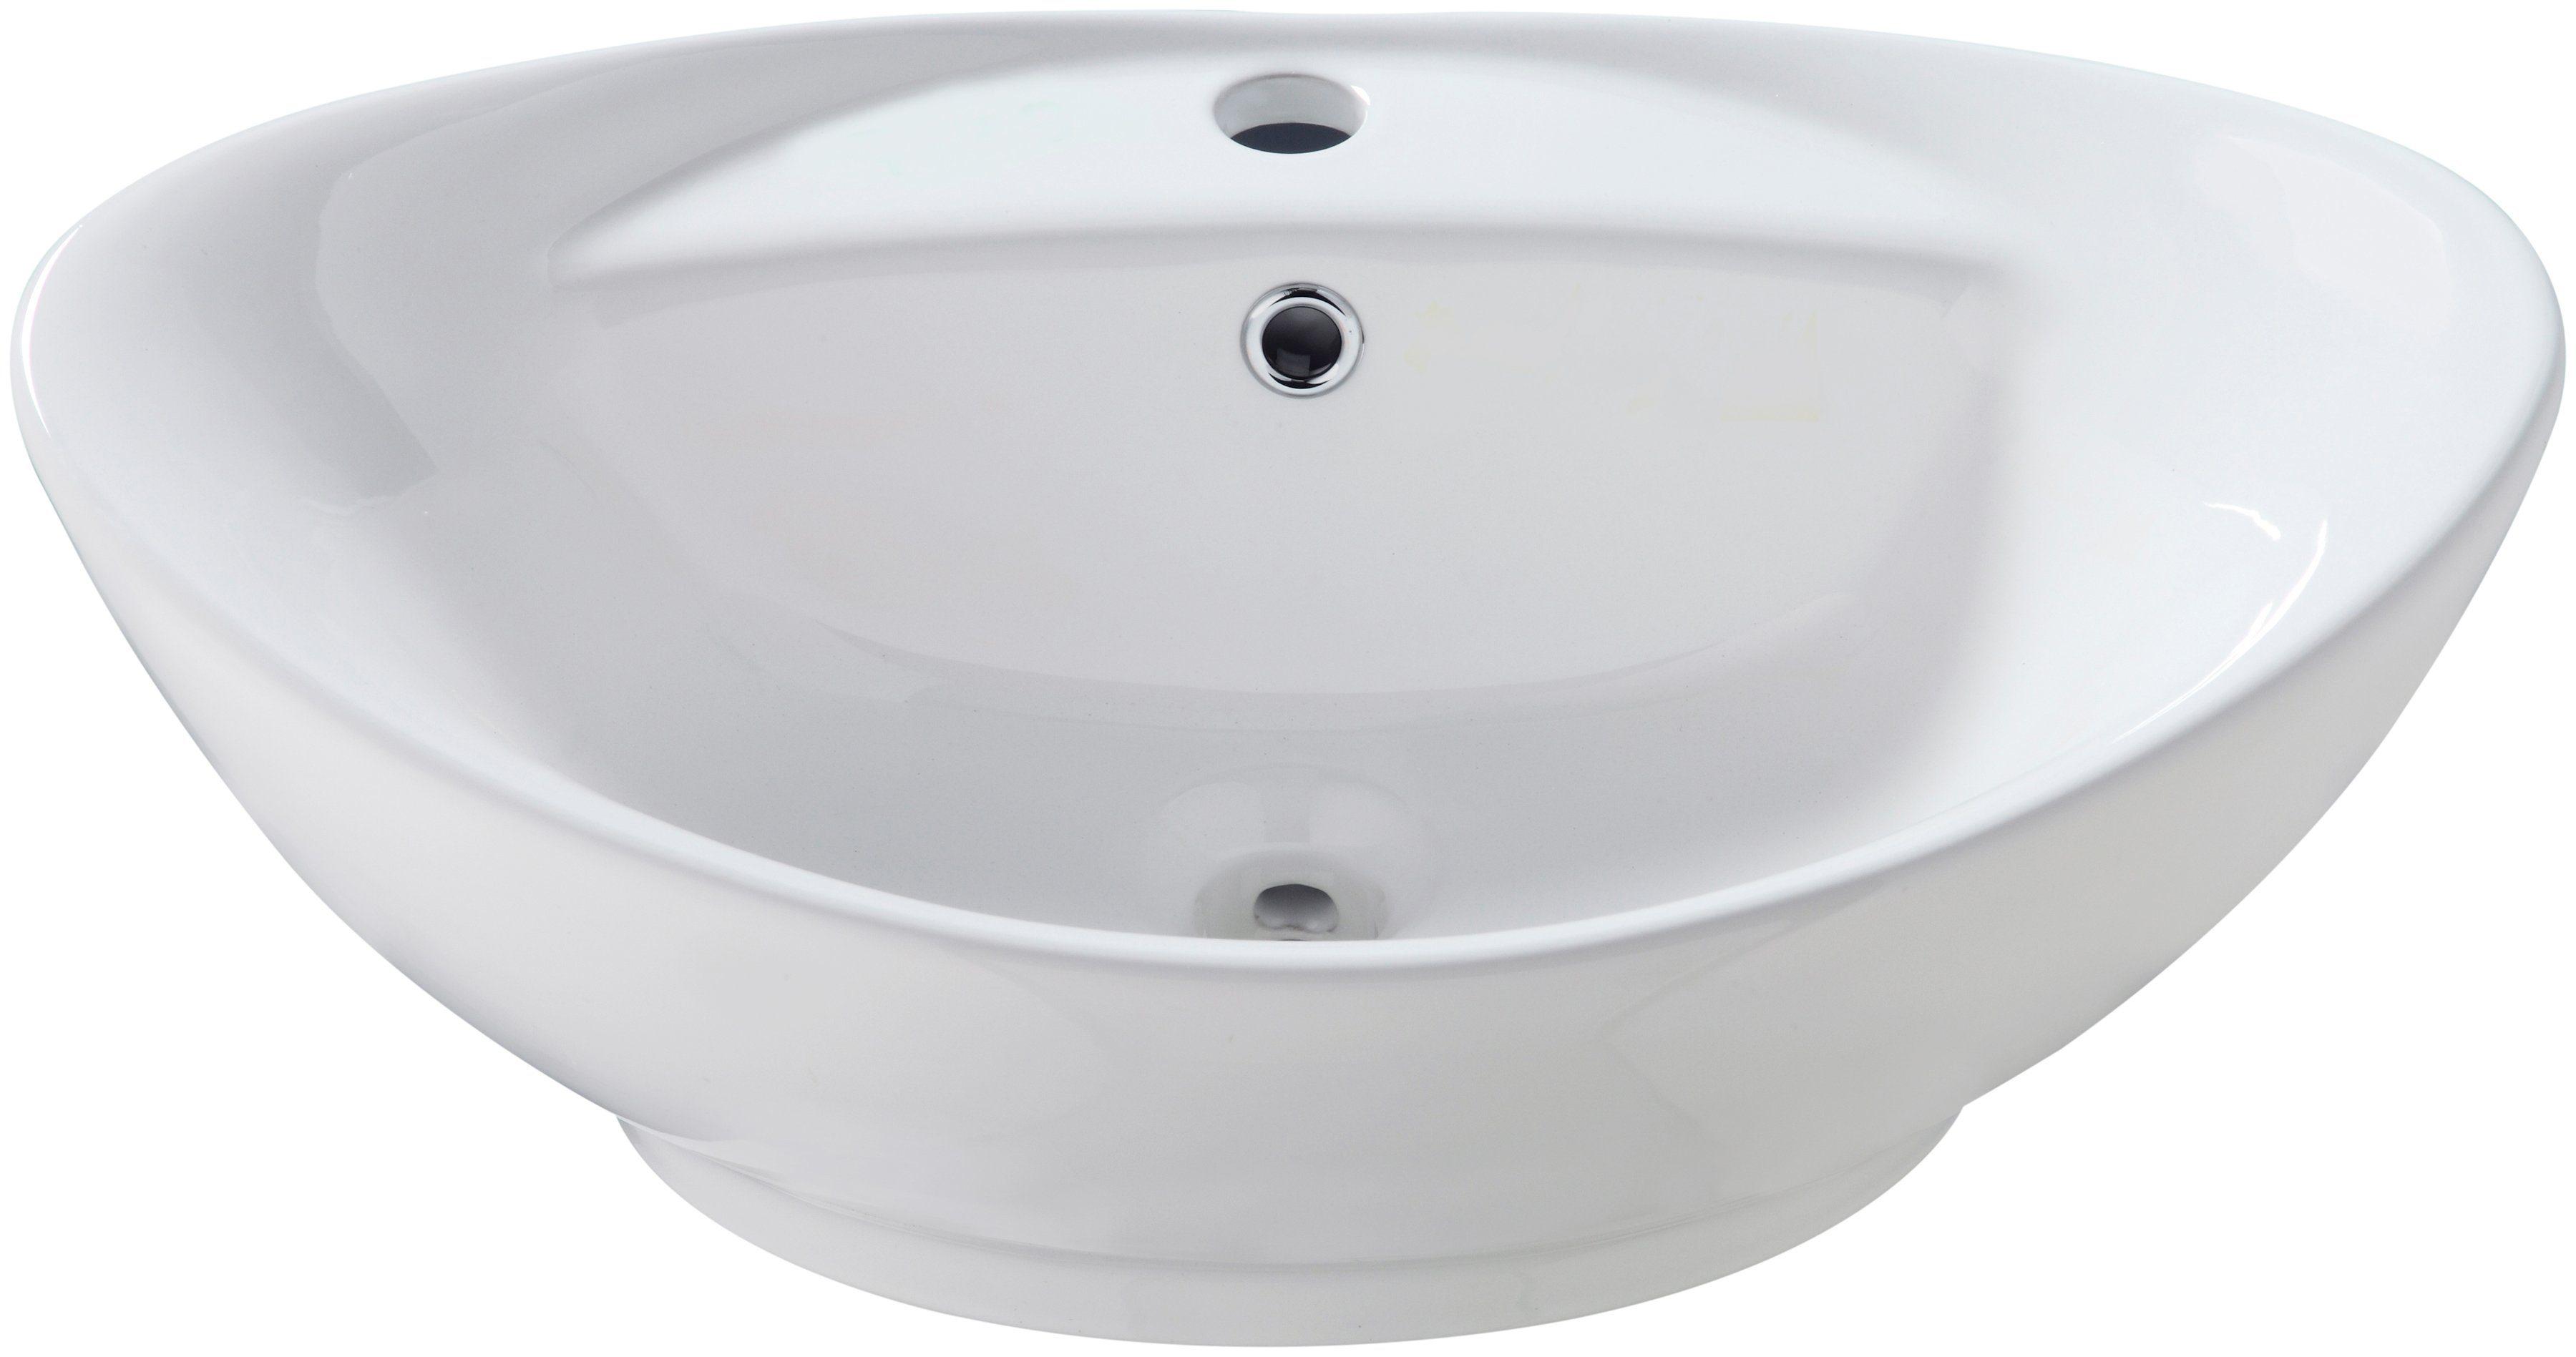 Aufsatzbecken »Bilbao«, Waschbecken, oval, Breite 60 cm